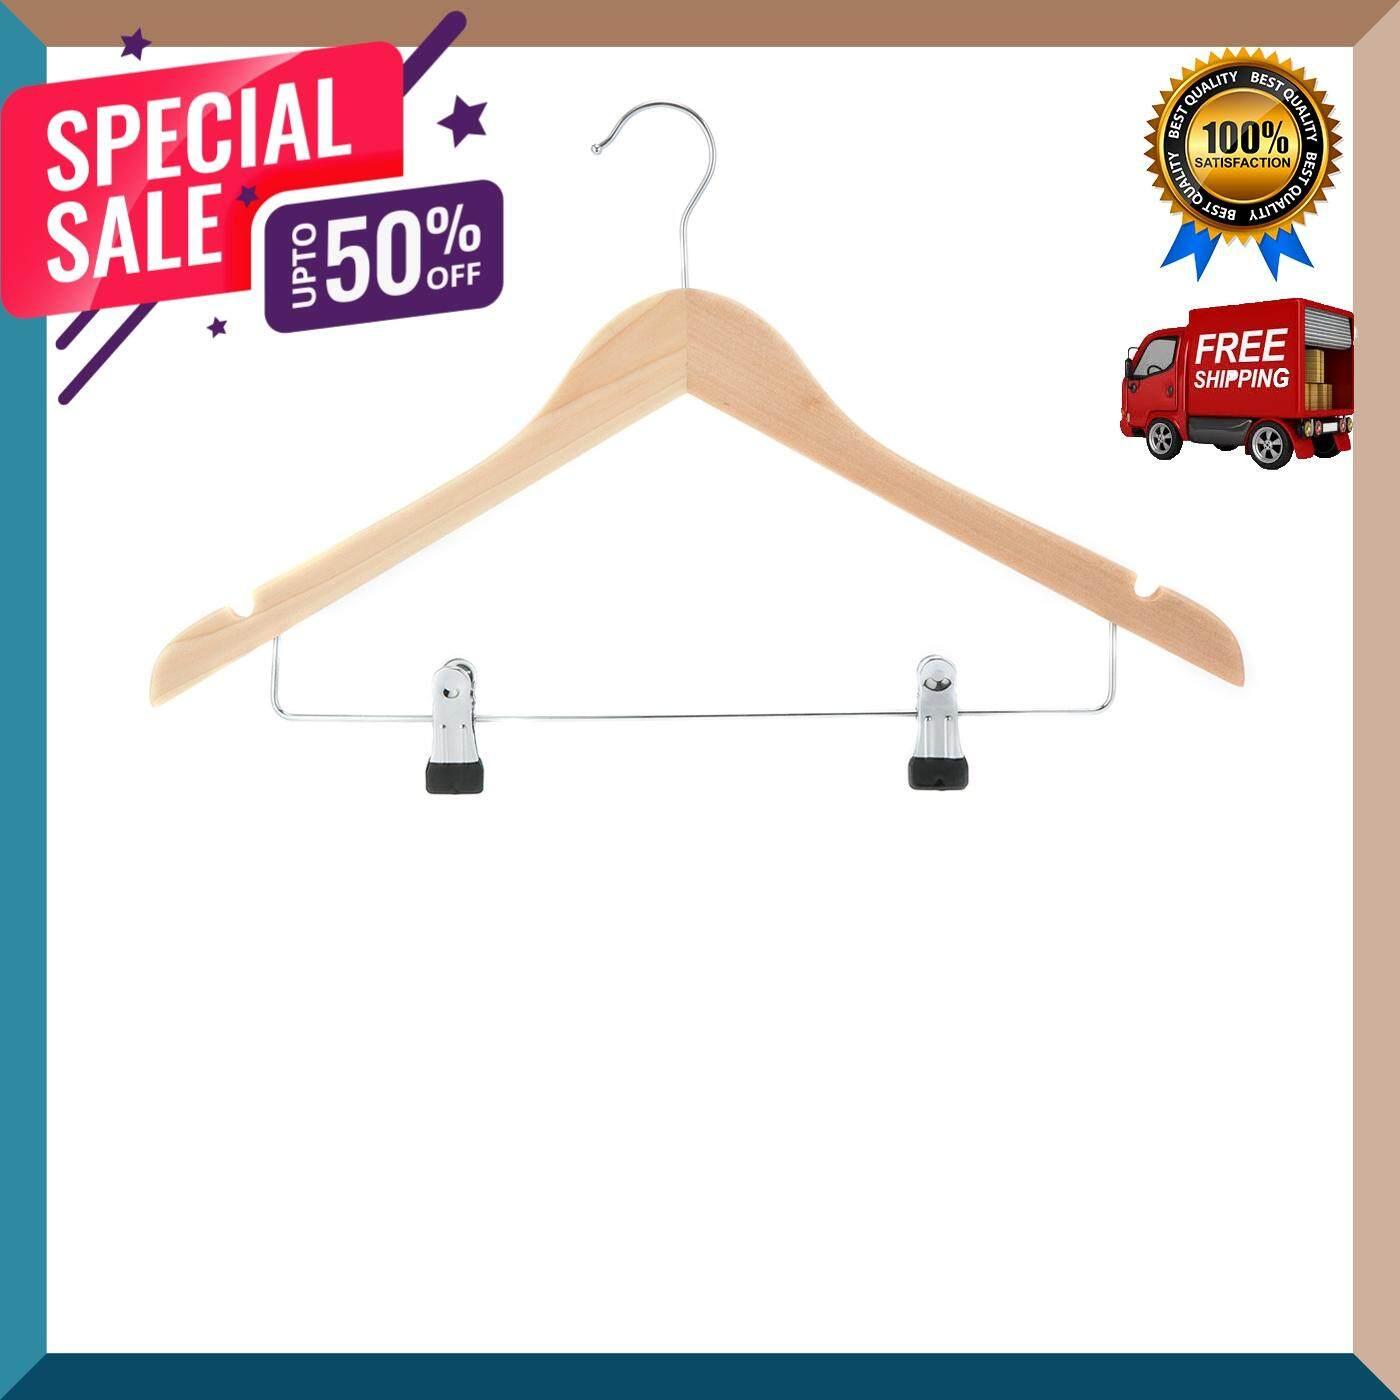 ไม้แขวนเสื้อพร้อมที่หนีบ Imex รุ่น 12404412mb อุปกรณ์รีดผ้า ไม้แขวนเสื้อ ดีไซร์สวยงาม ราวตากผ้า จัดส่งฟรี By Gus-Shop.